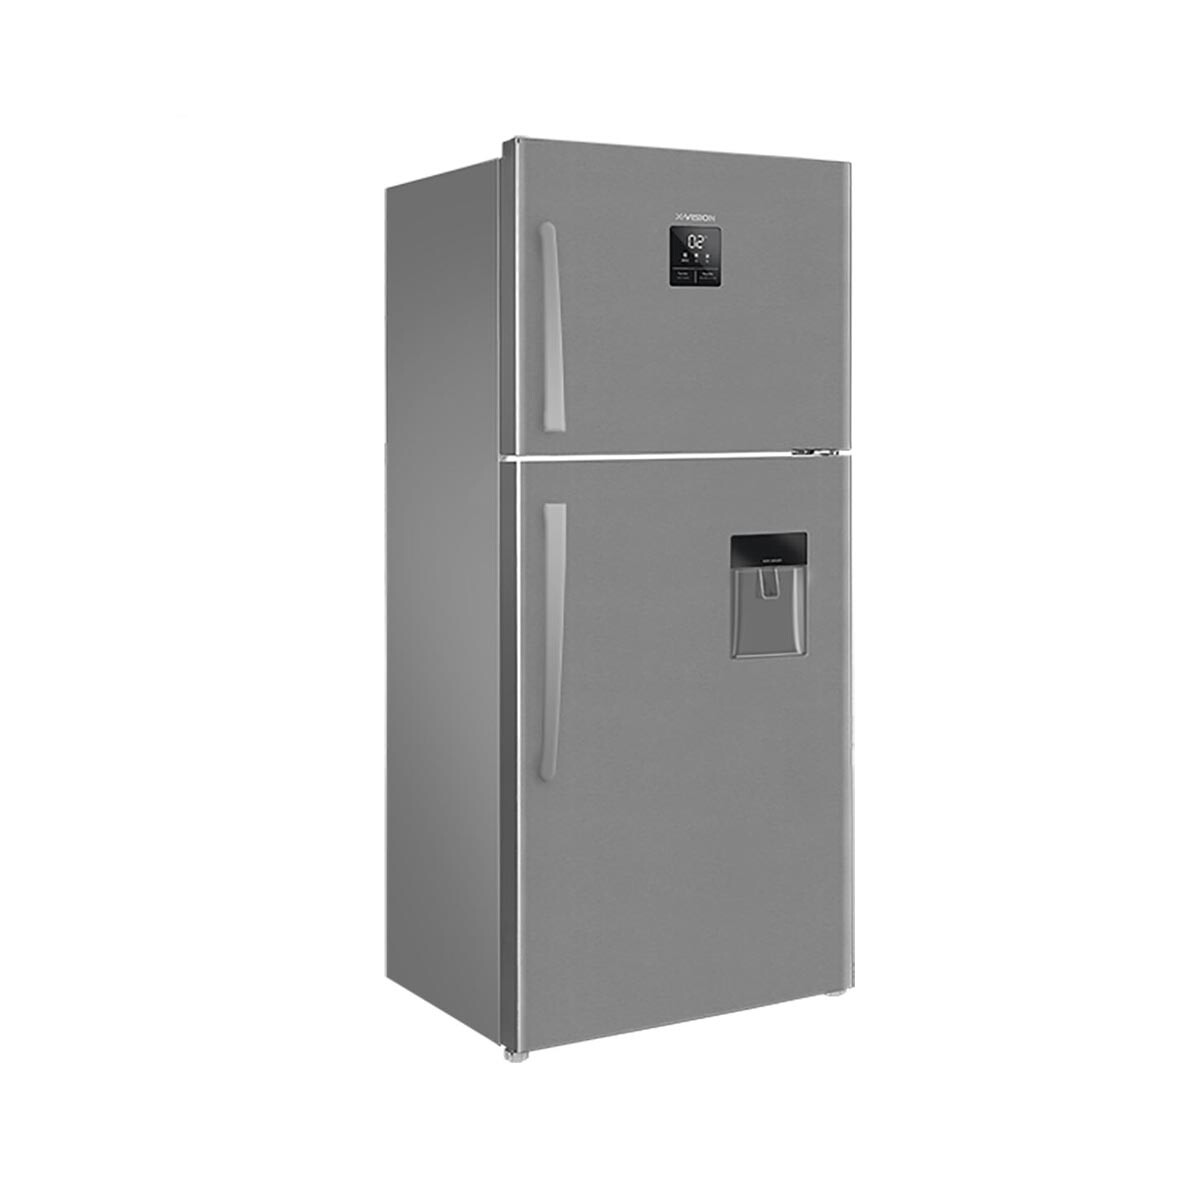 یخچال فریزر ایکس ویژن 862 SD سیلور